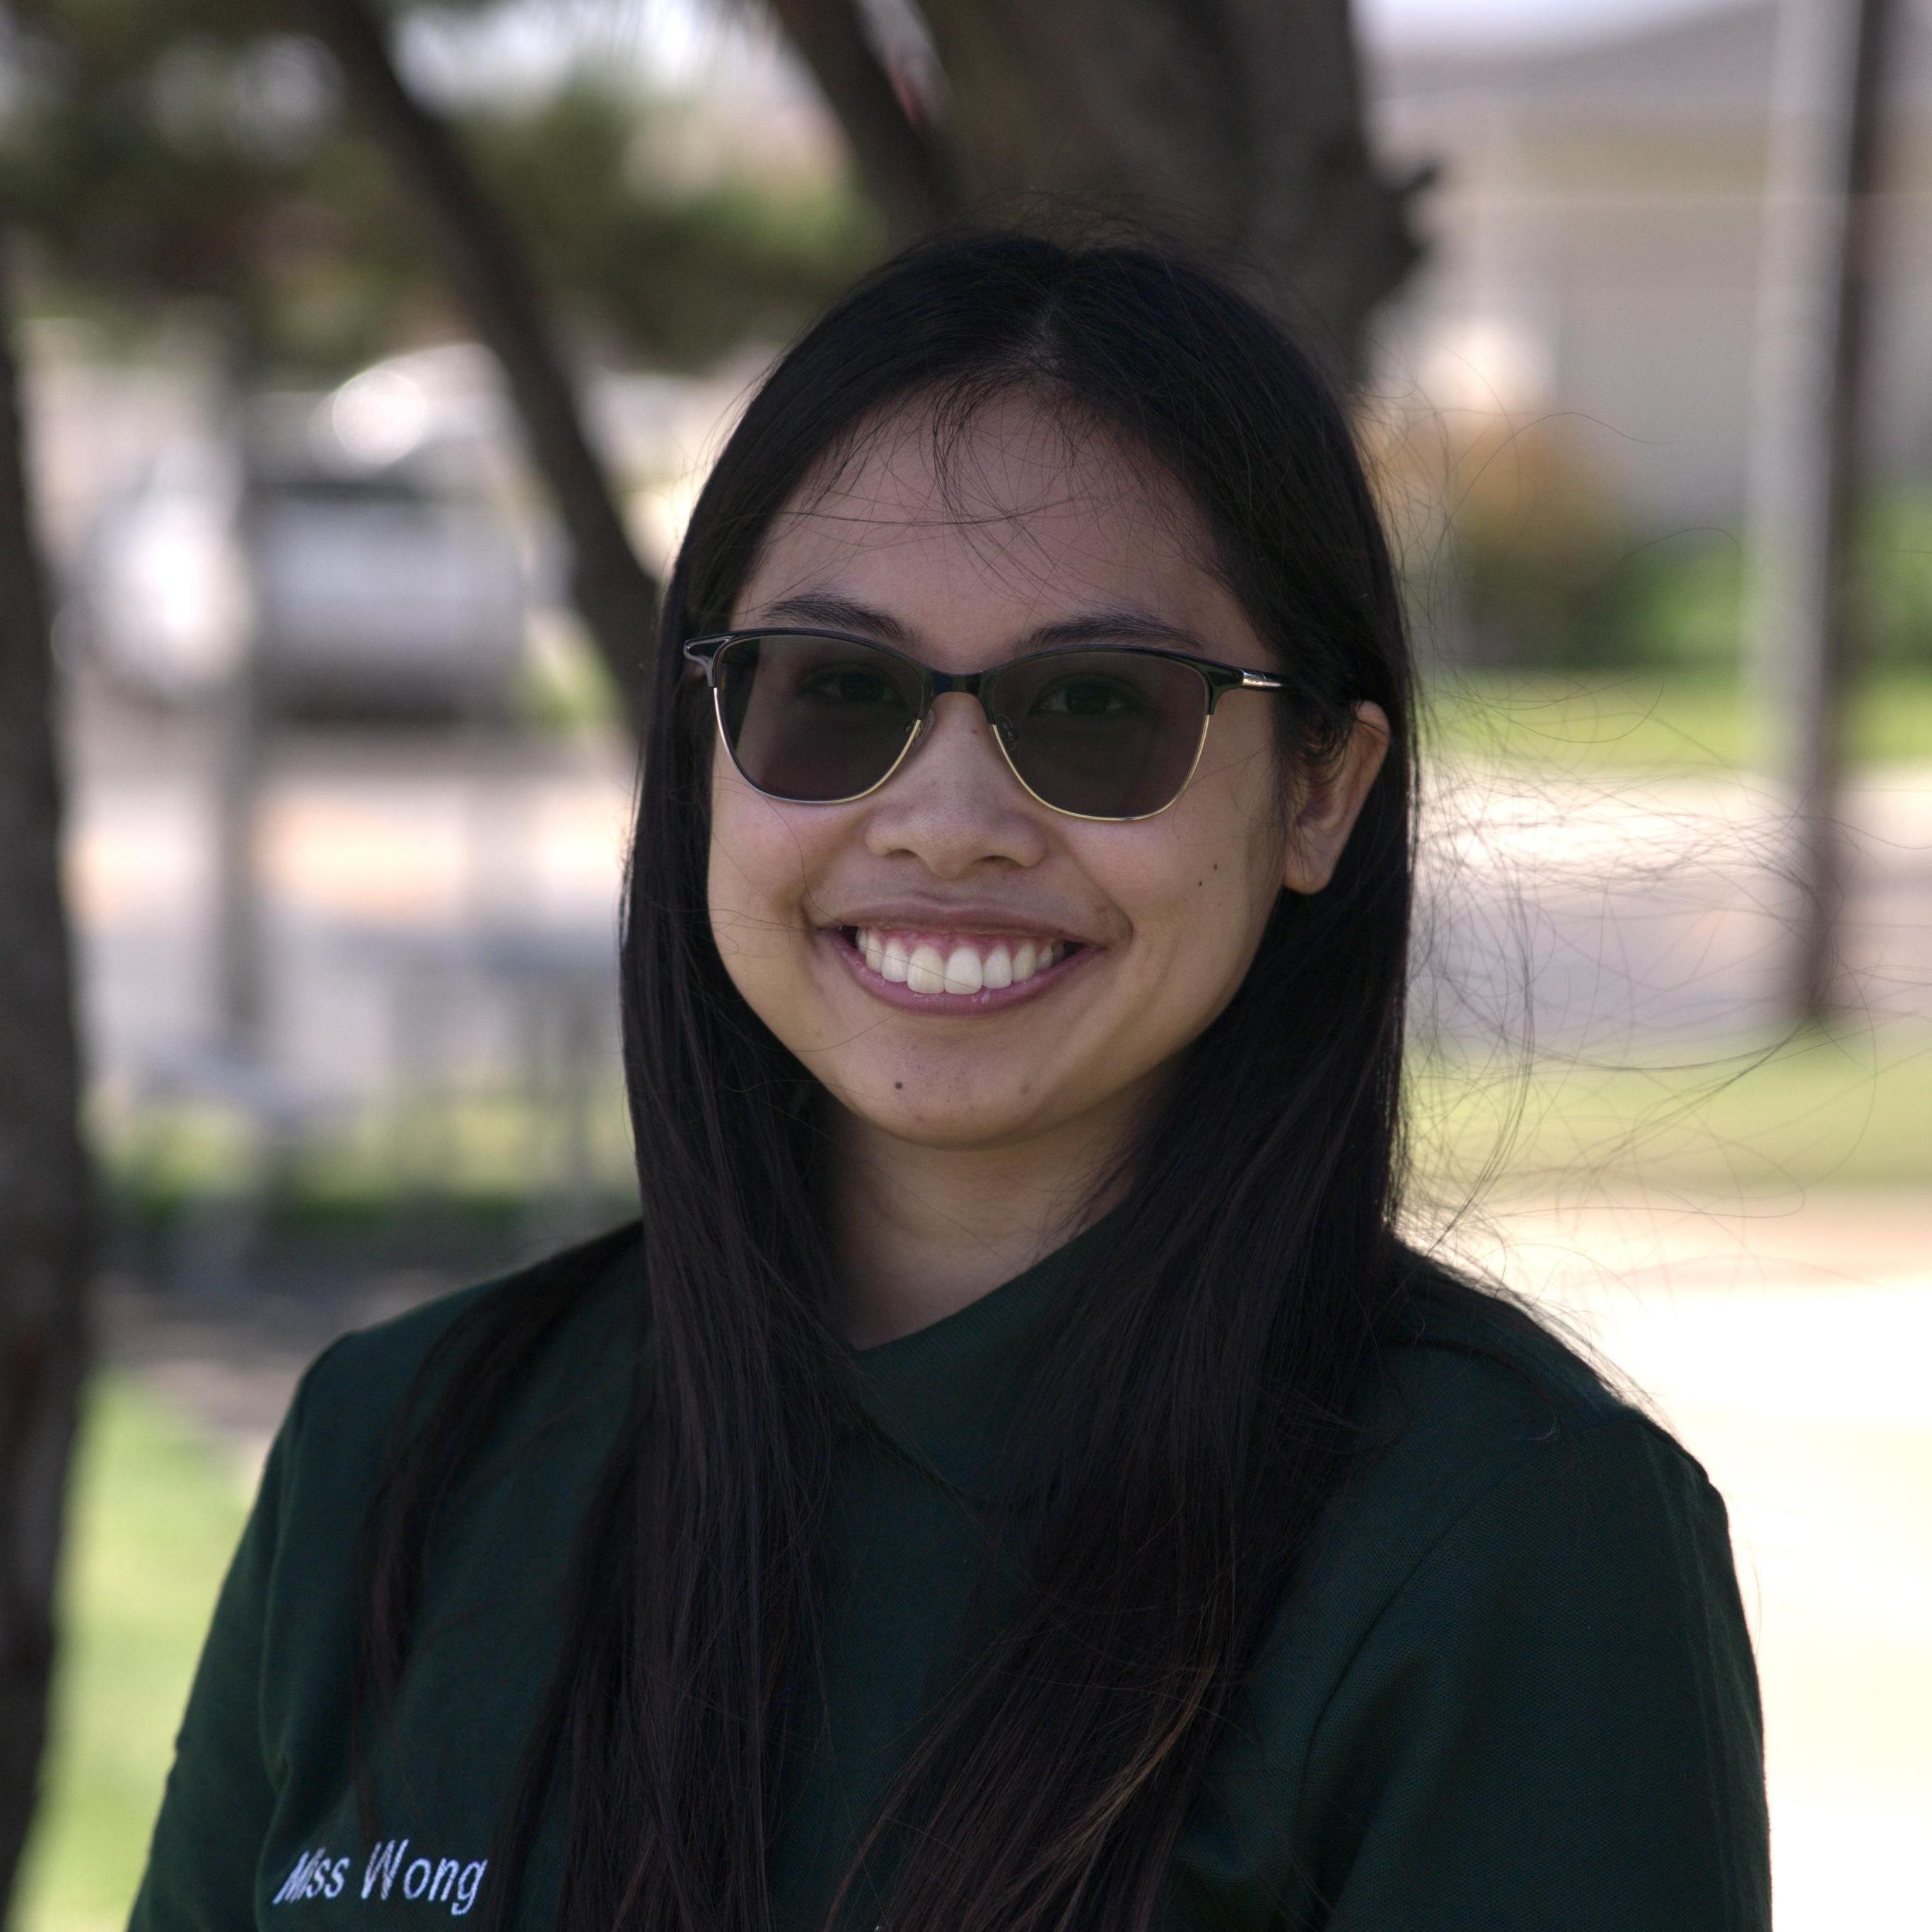 D Wong's Profile Photo